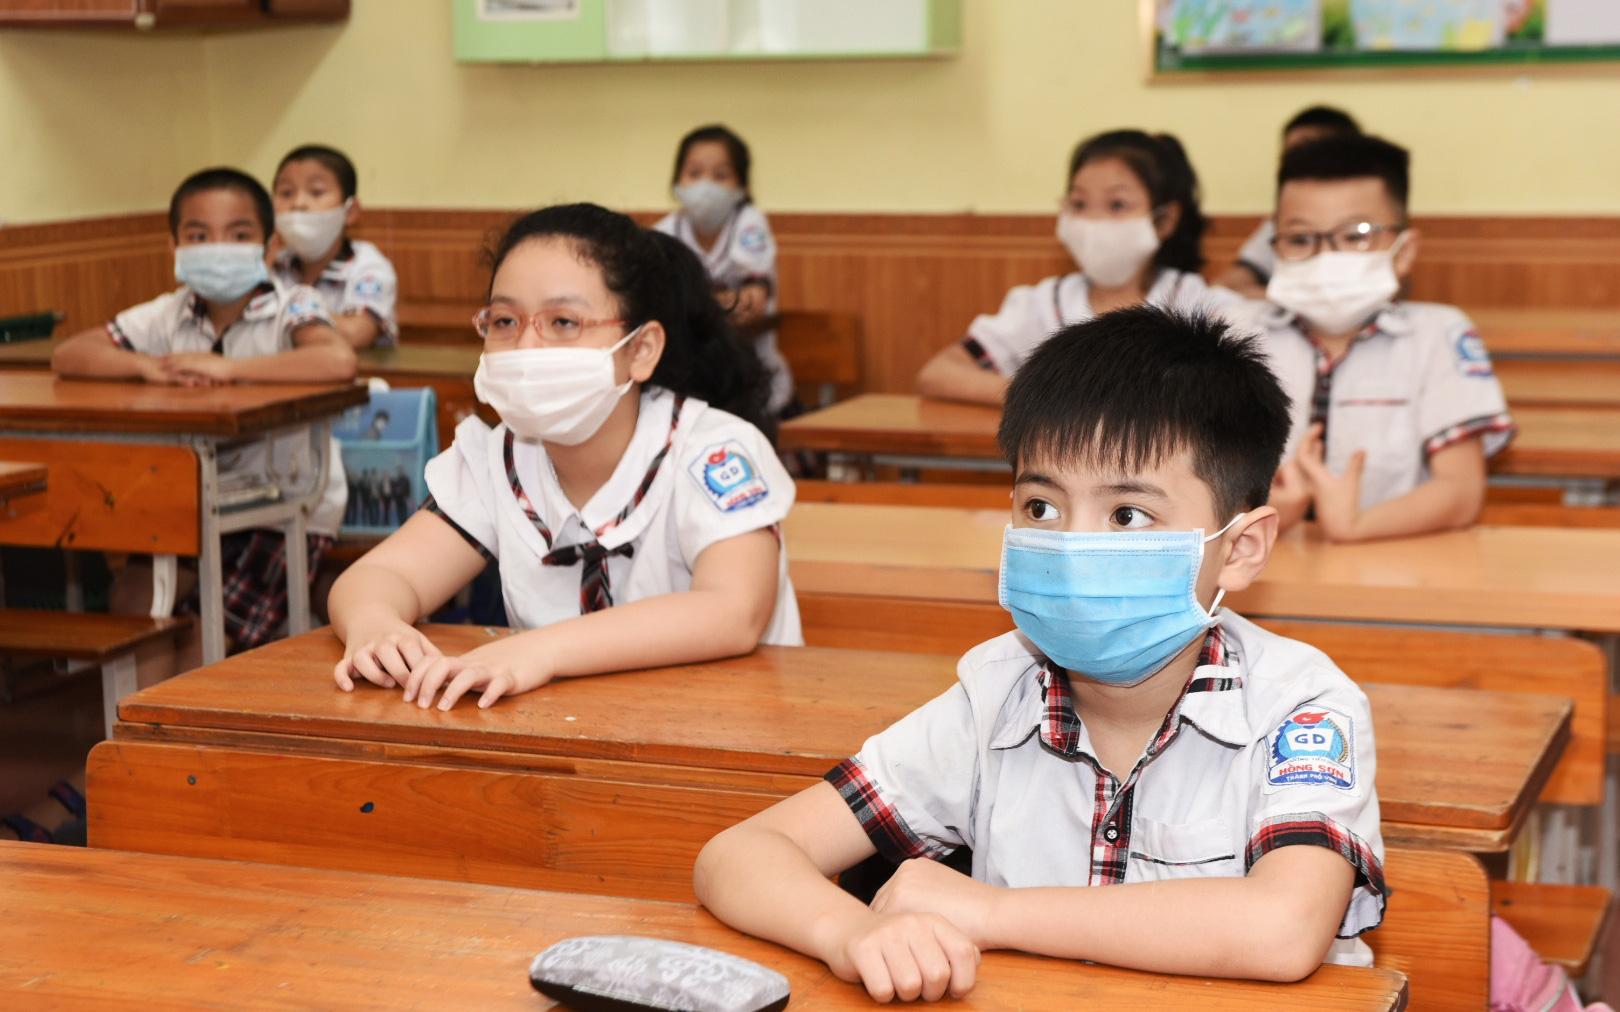 Ngày 10/5: Danh sách 37 tỉnh thành thông báo cho học sinh tạm dừng đến trường để phòng chống dịch